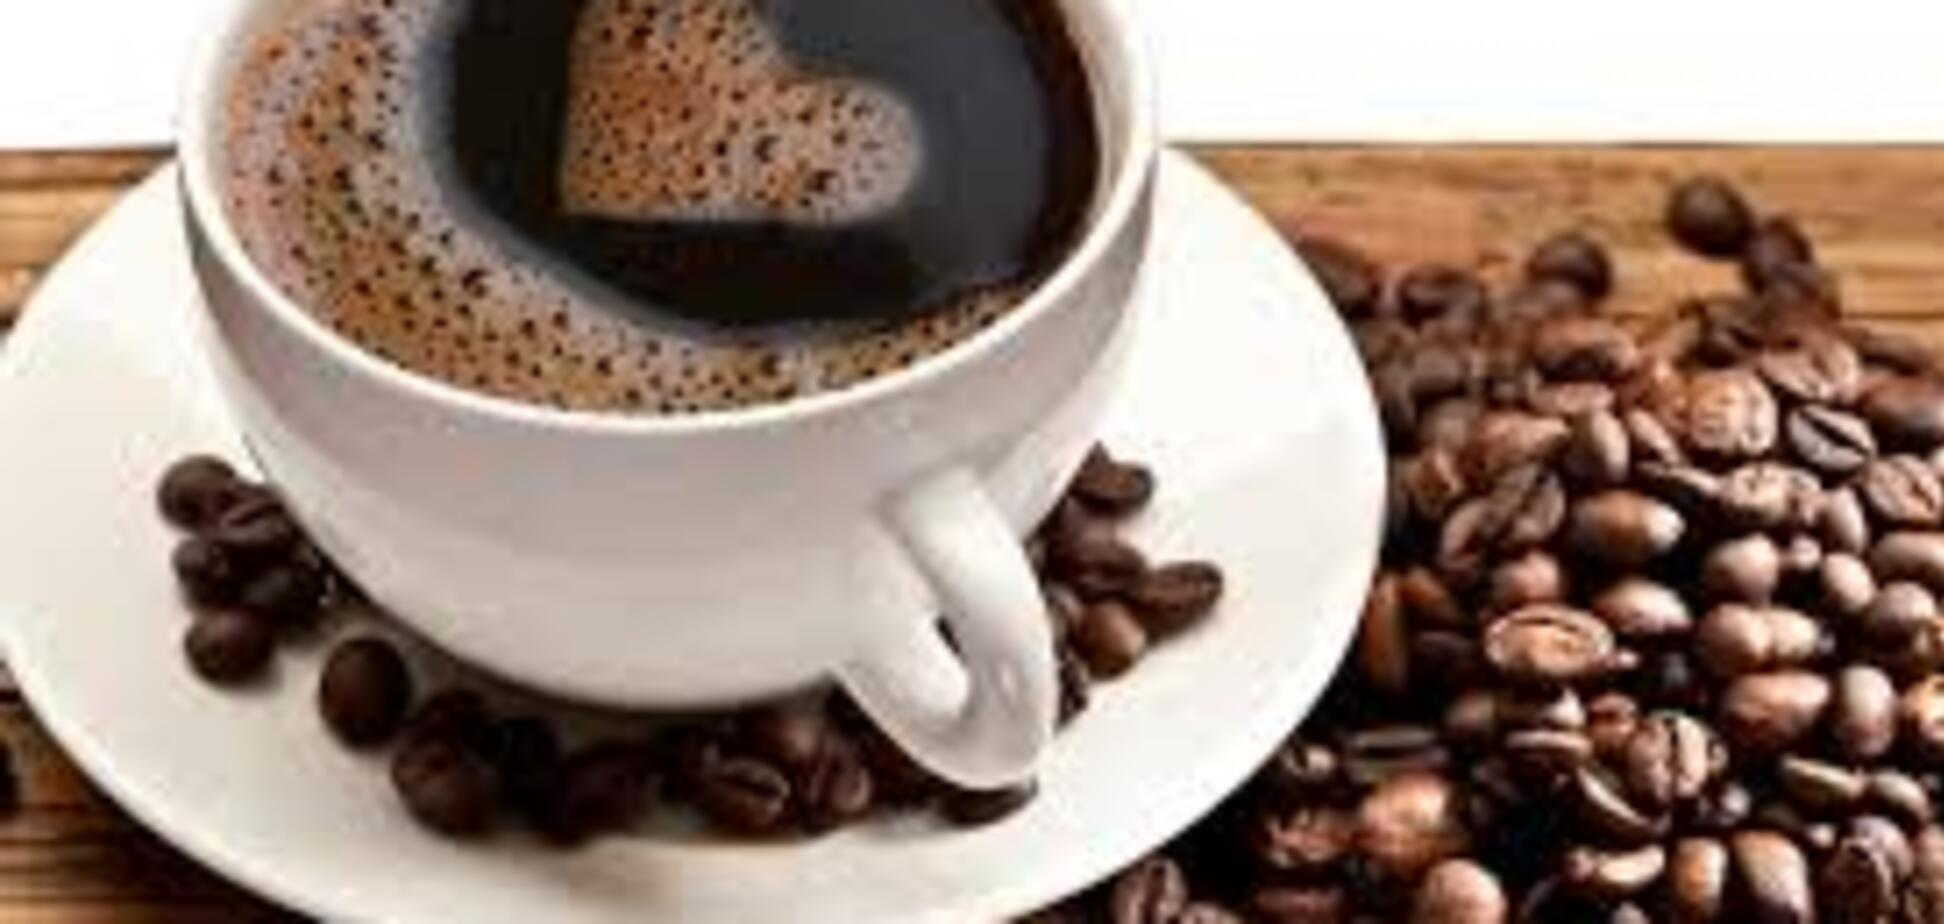 Как выбрать идеальную кофемолку для идеального кофе